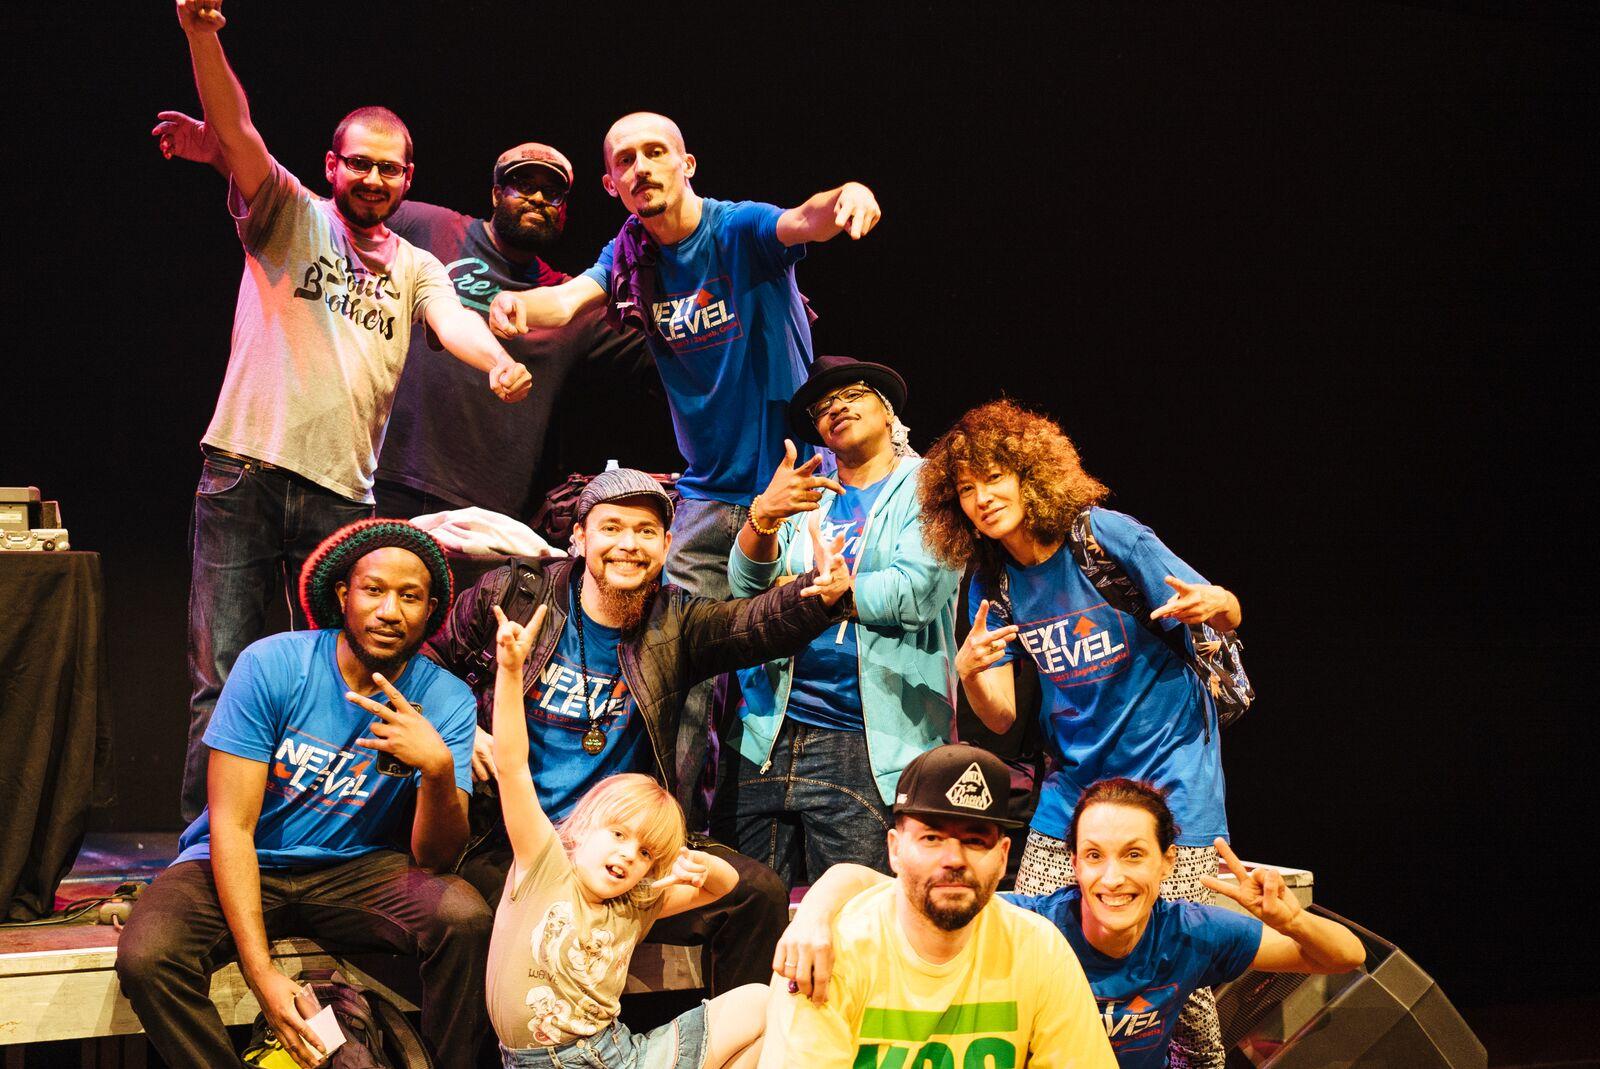 group photo 4.jpeg